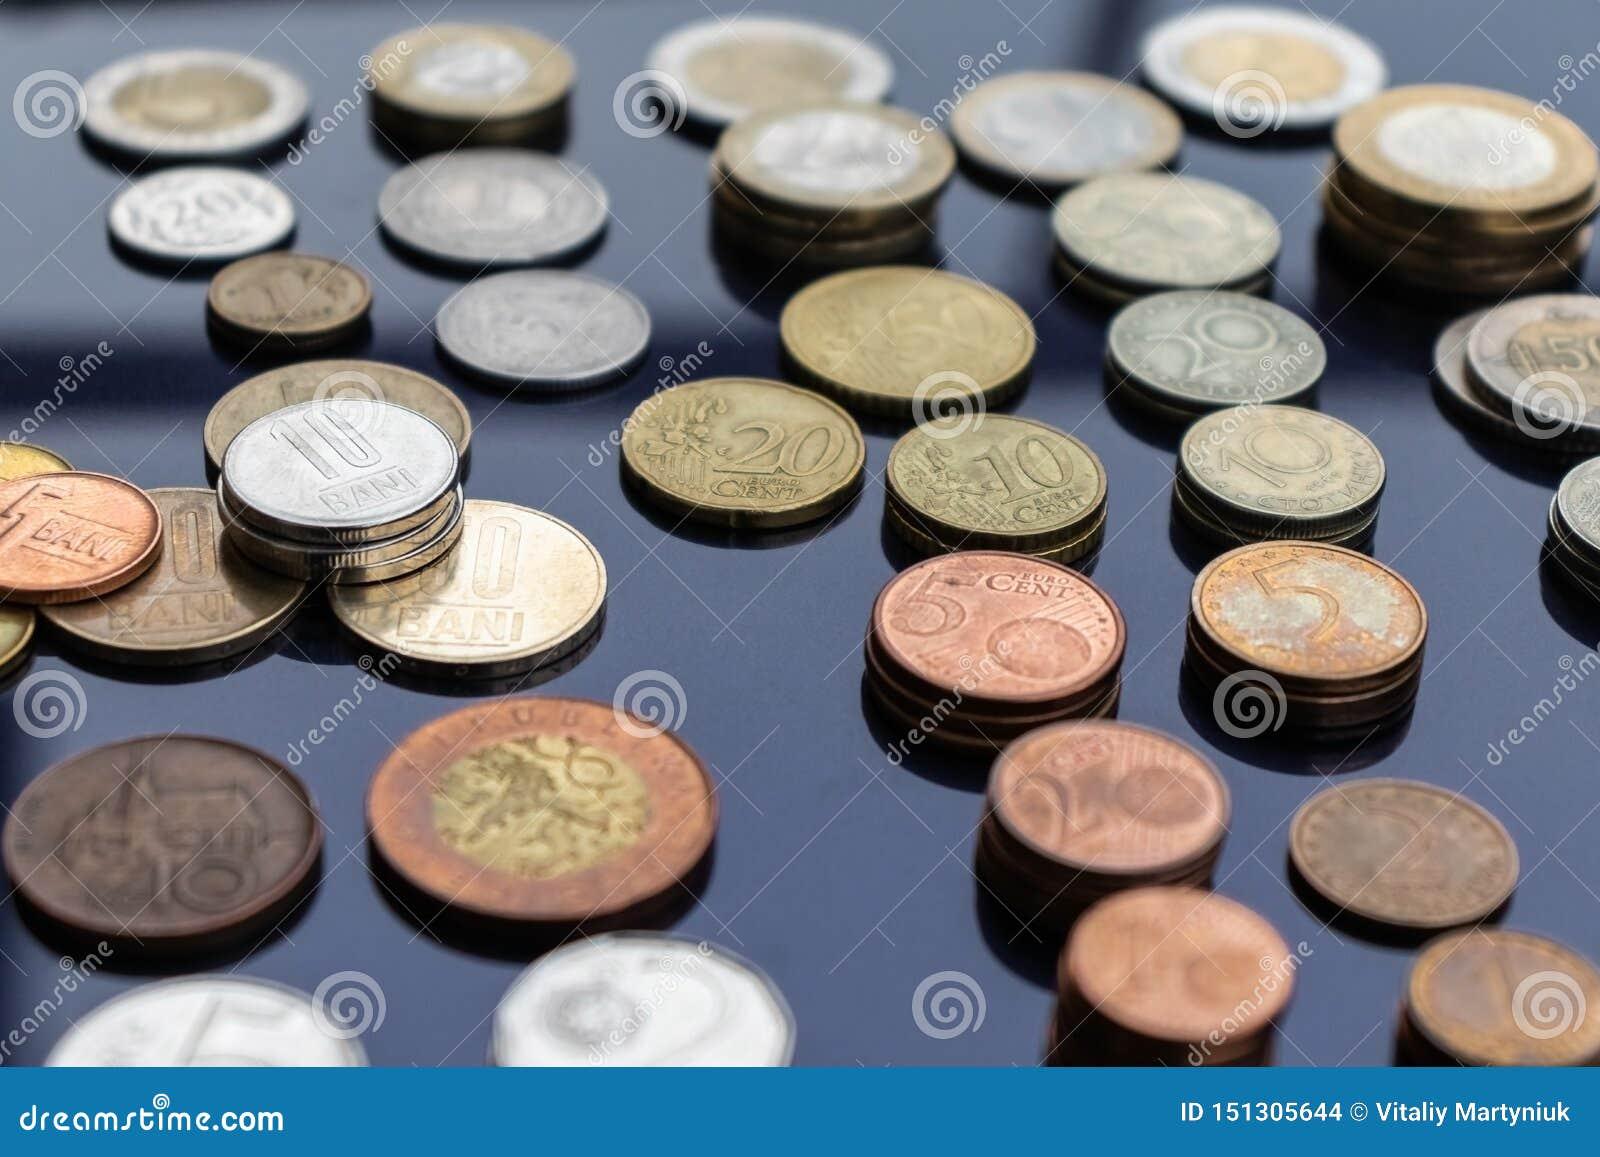 Mynt från olika länder läggas ut på buntar på en blå bakgrund